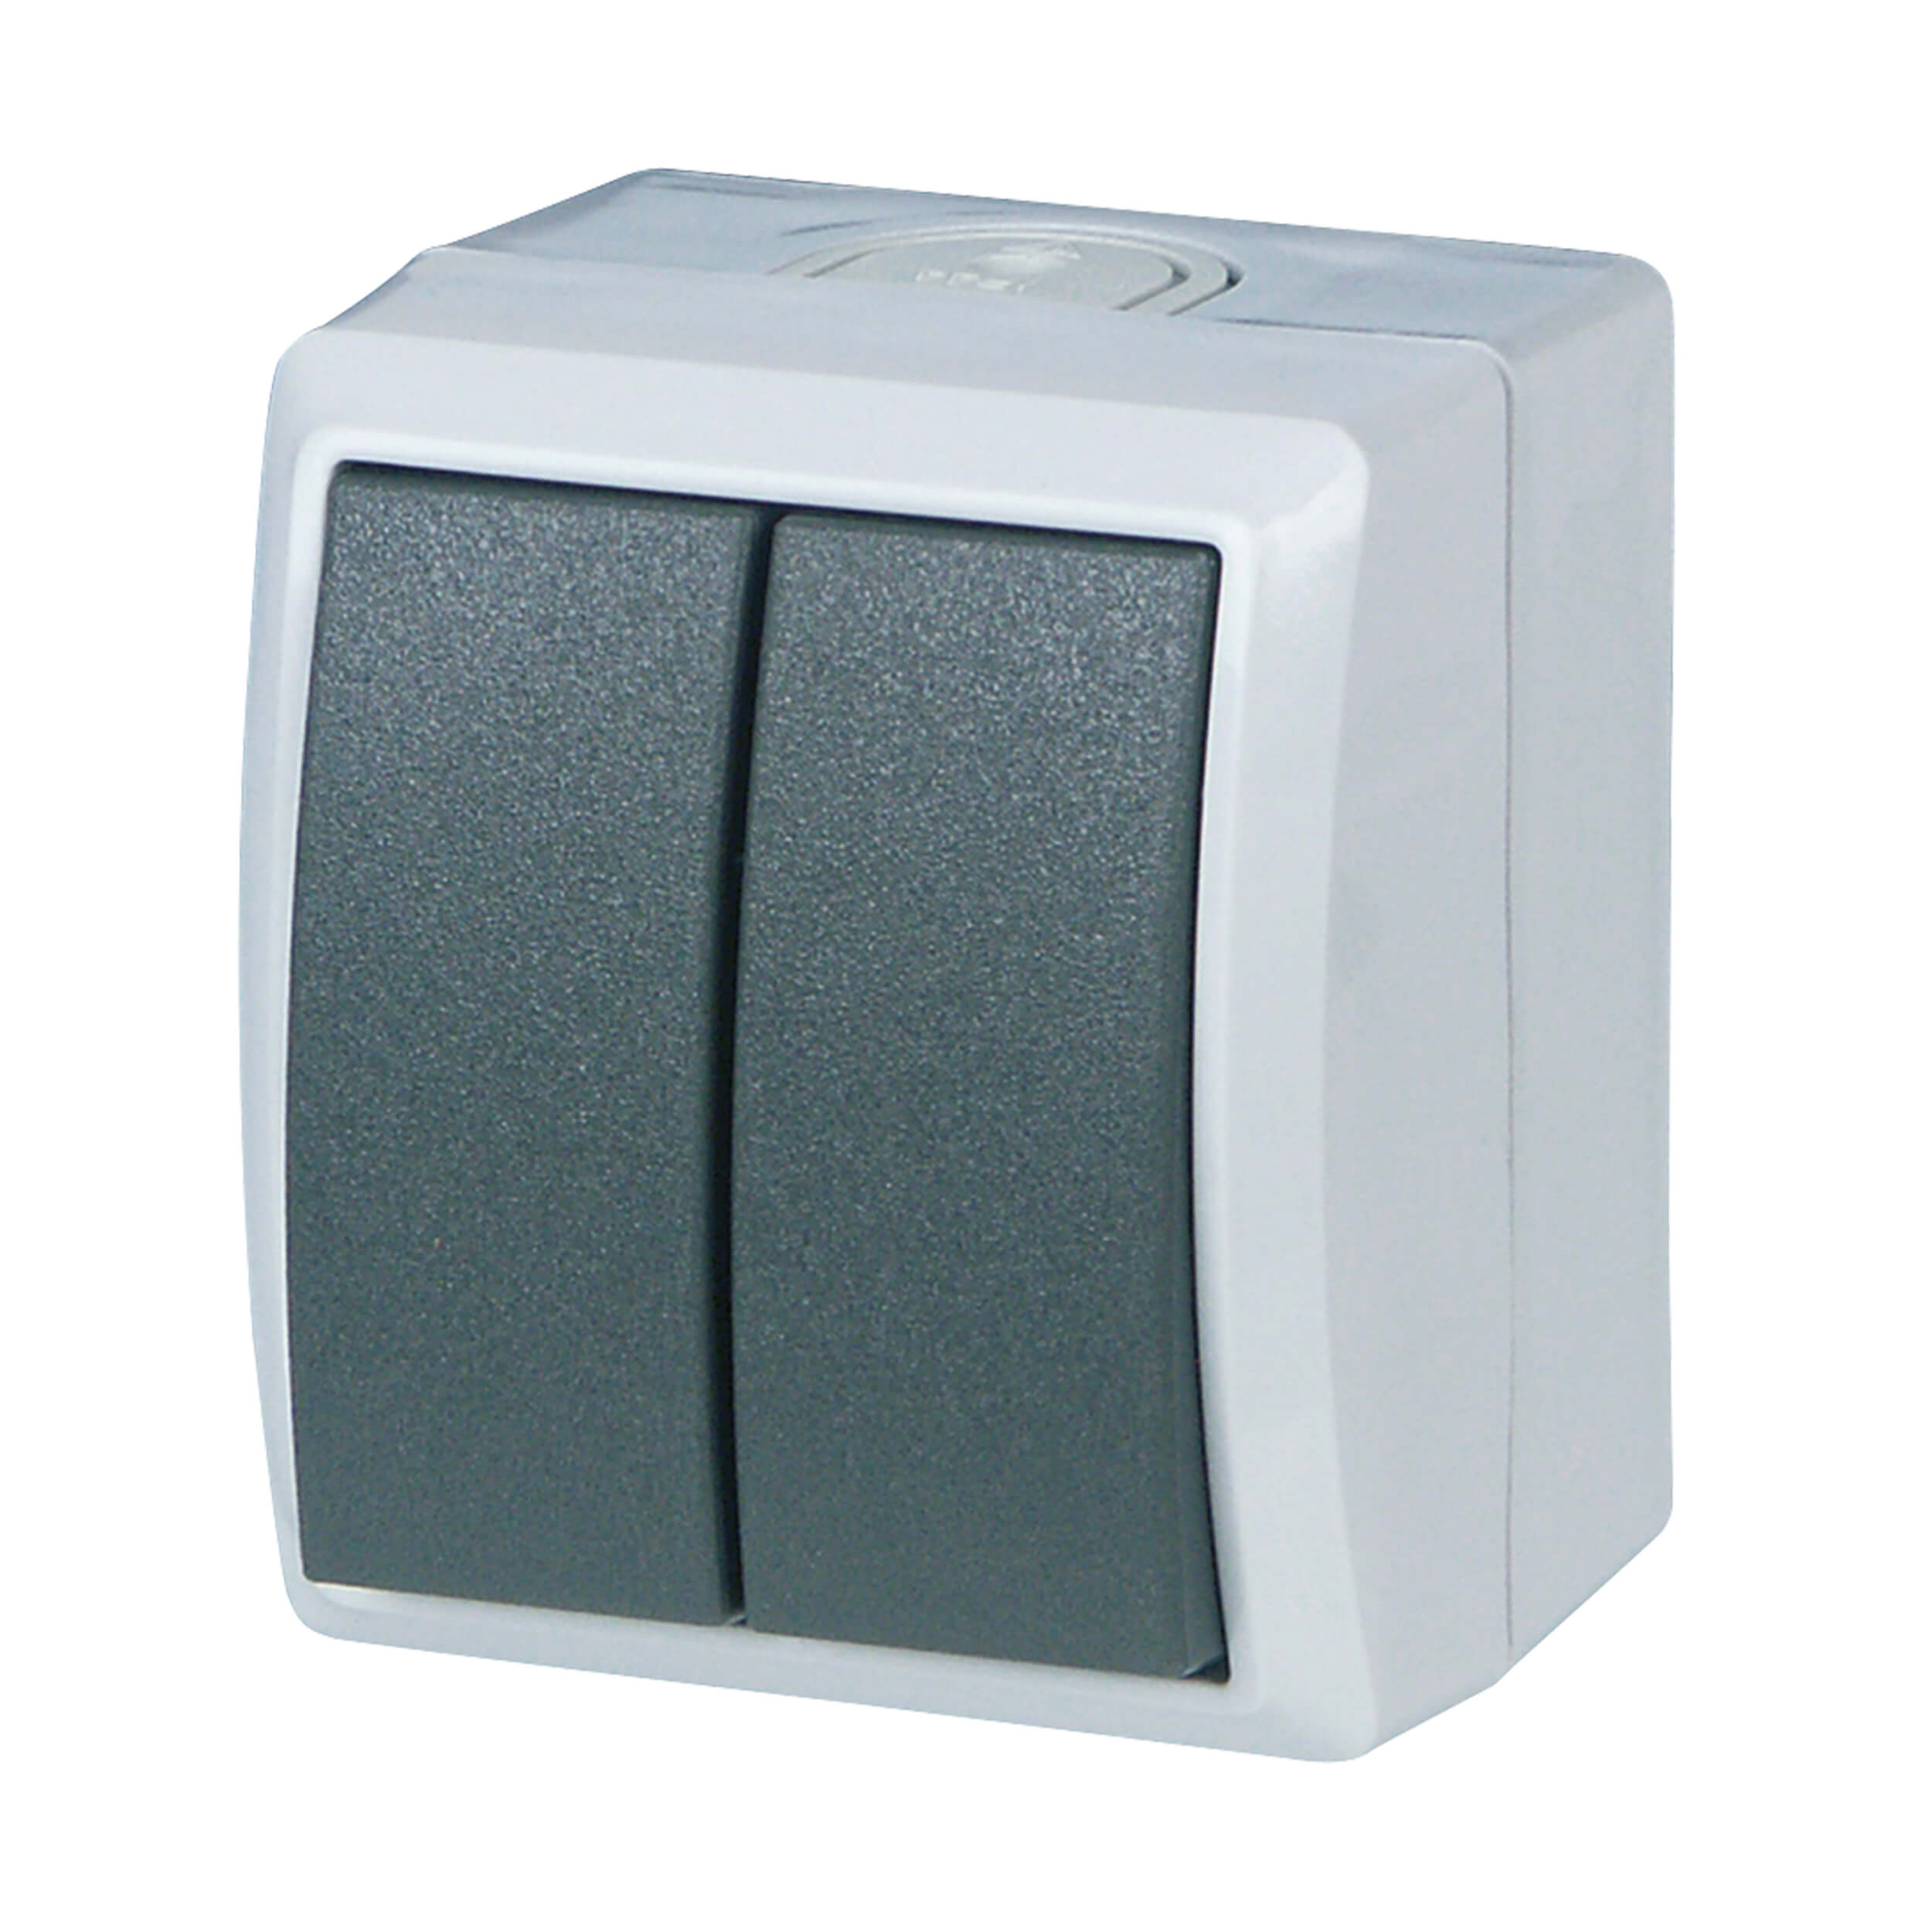 AquaForm Serienschalter für feuchte Räume, grau